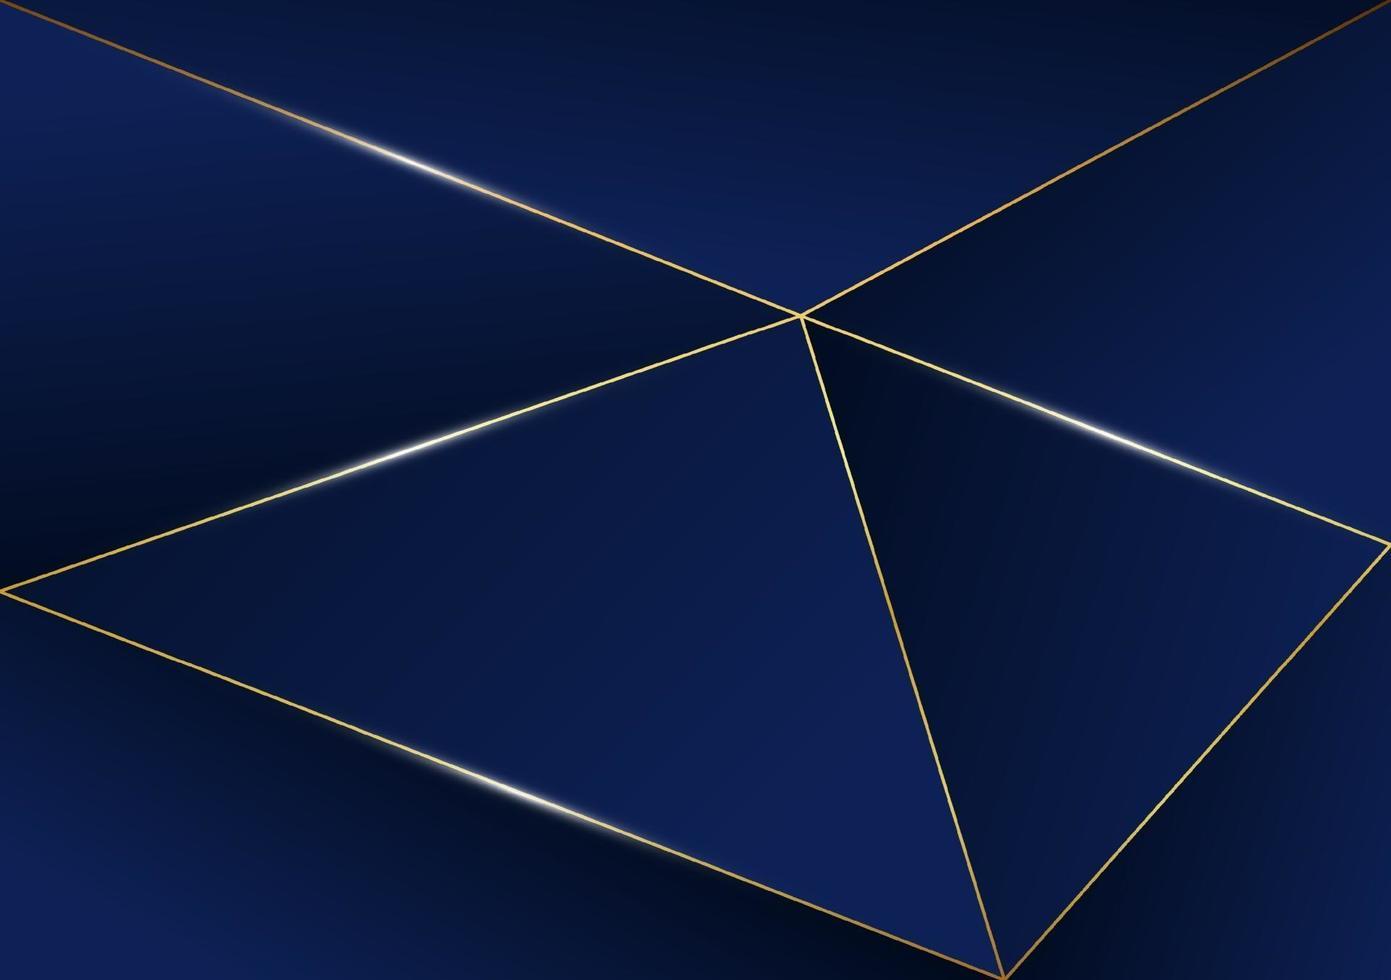 ligne d'or de luxe motif abstrait polygonale avec fond de modèle bleu foncé style premium pour affiche, couverture, impression, illustration. illustration vectorielle vecteur